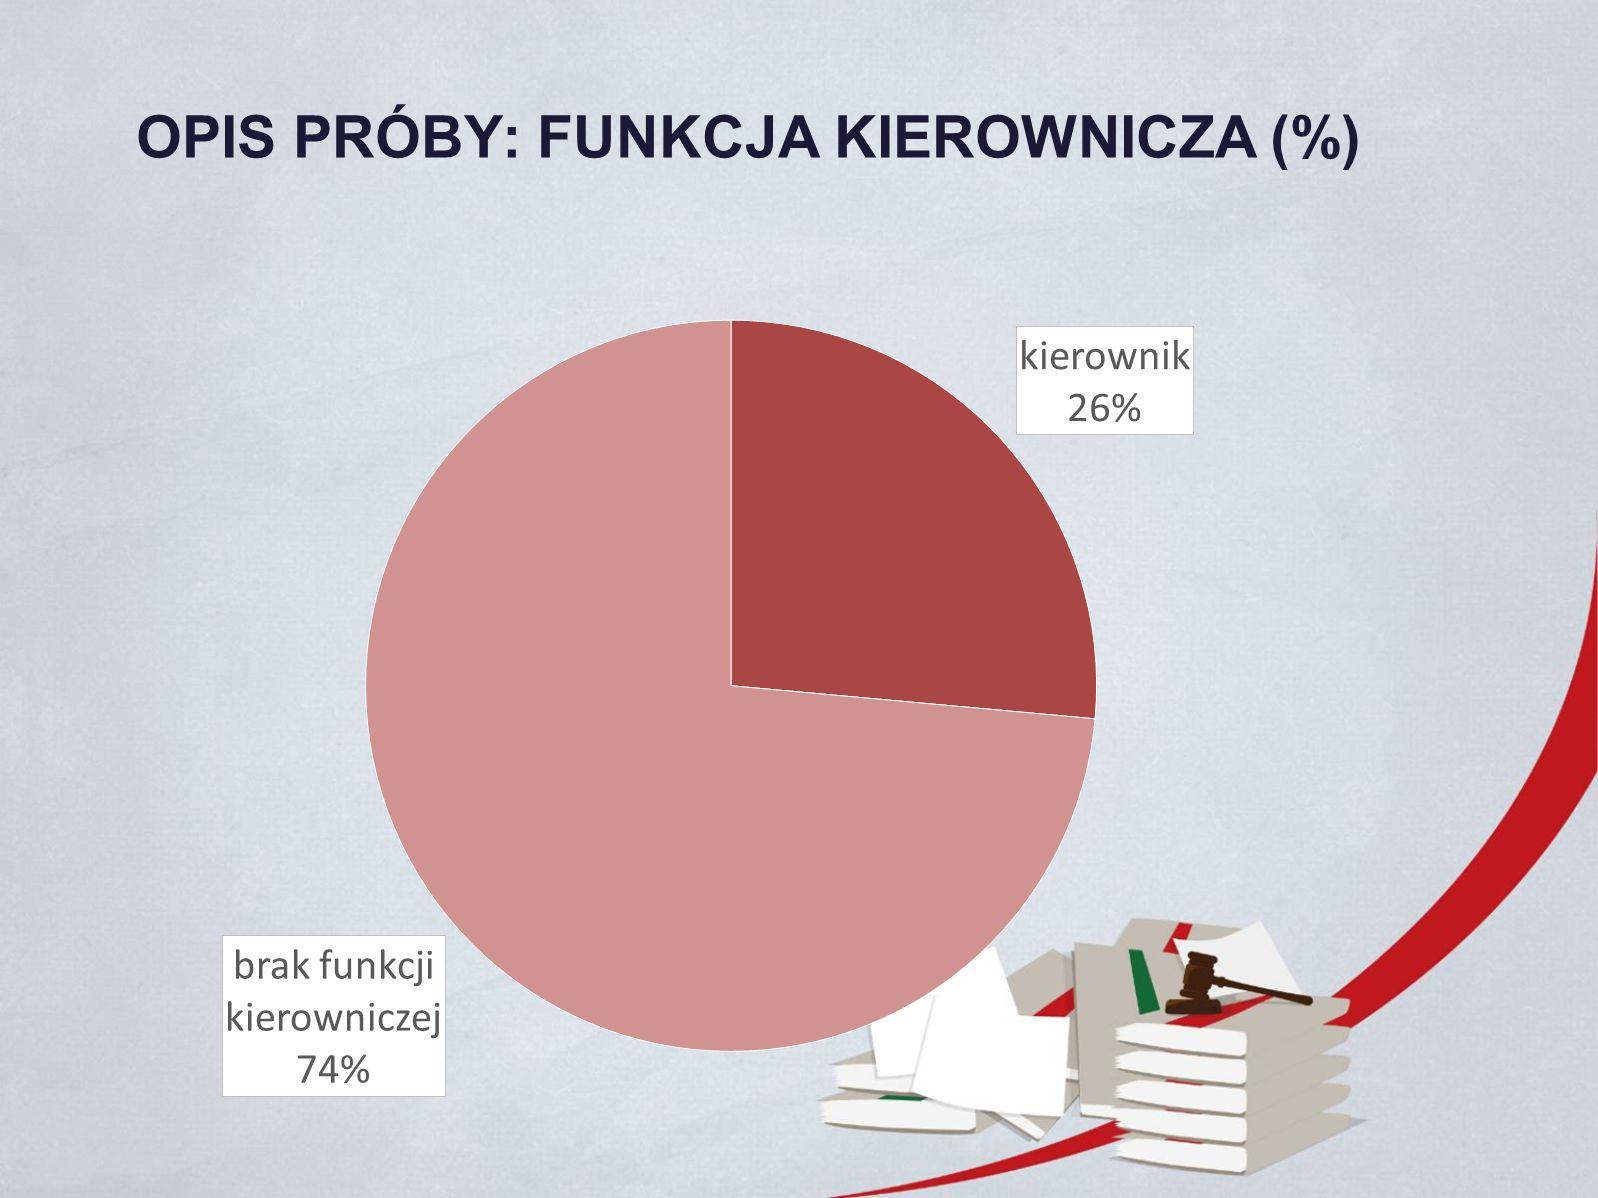 OPIS PRÓBY: FUNKCJA KIEROWNICZA (%)